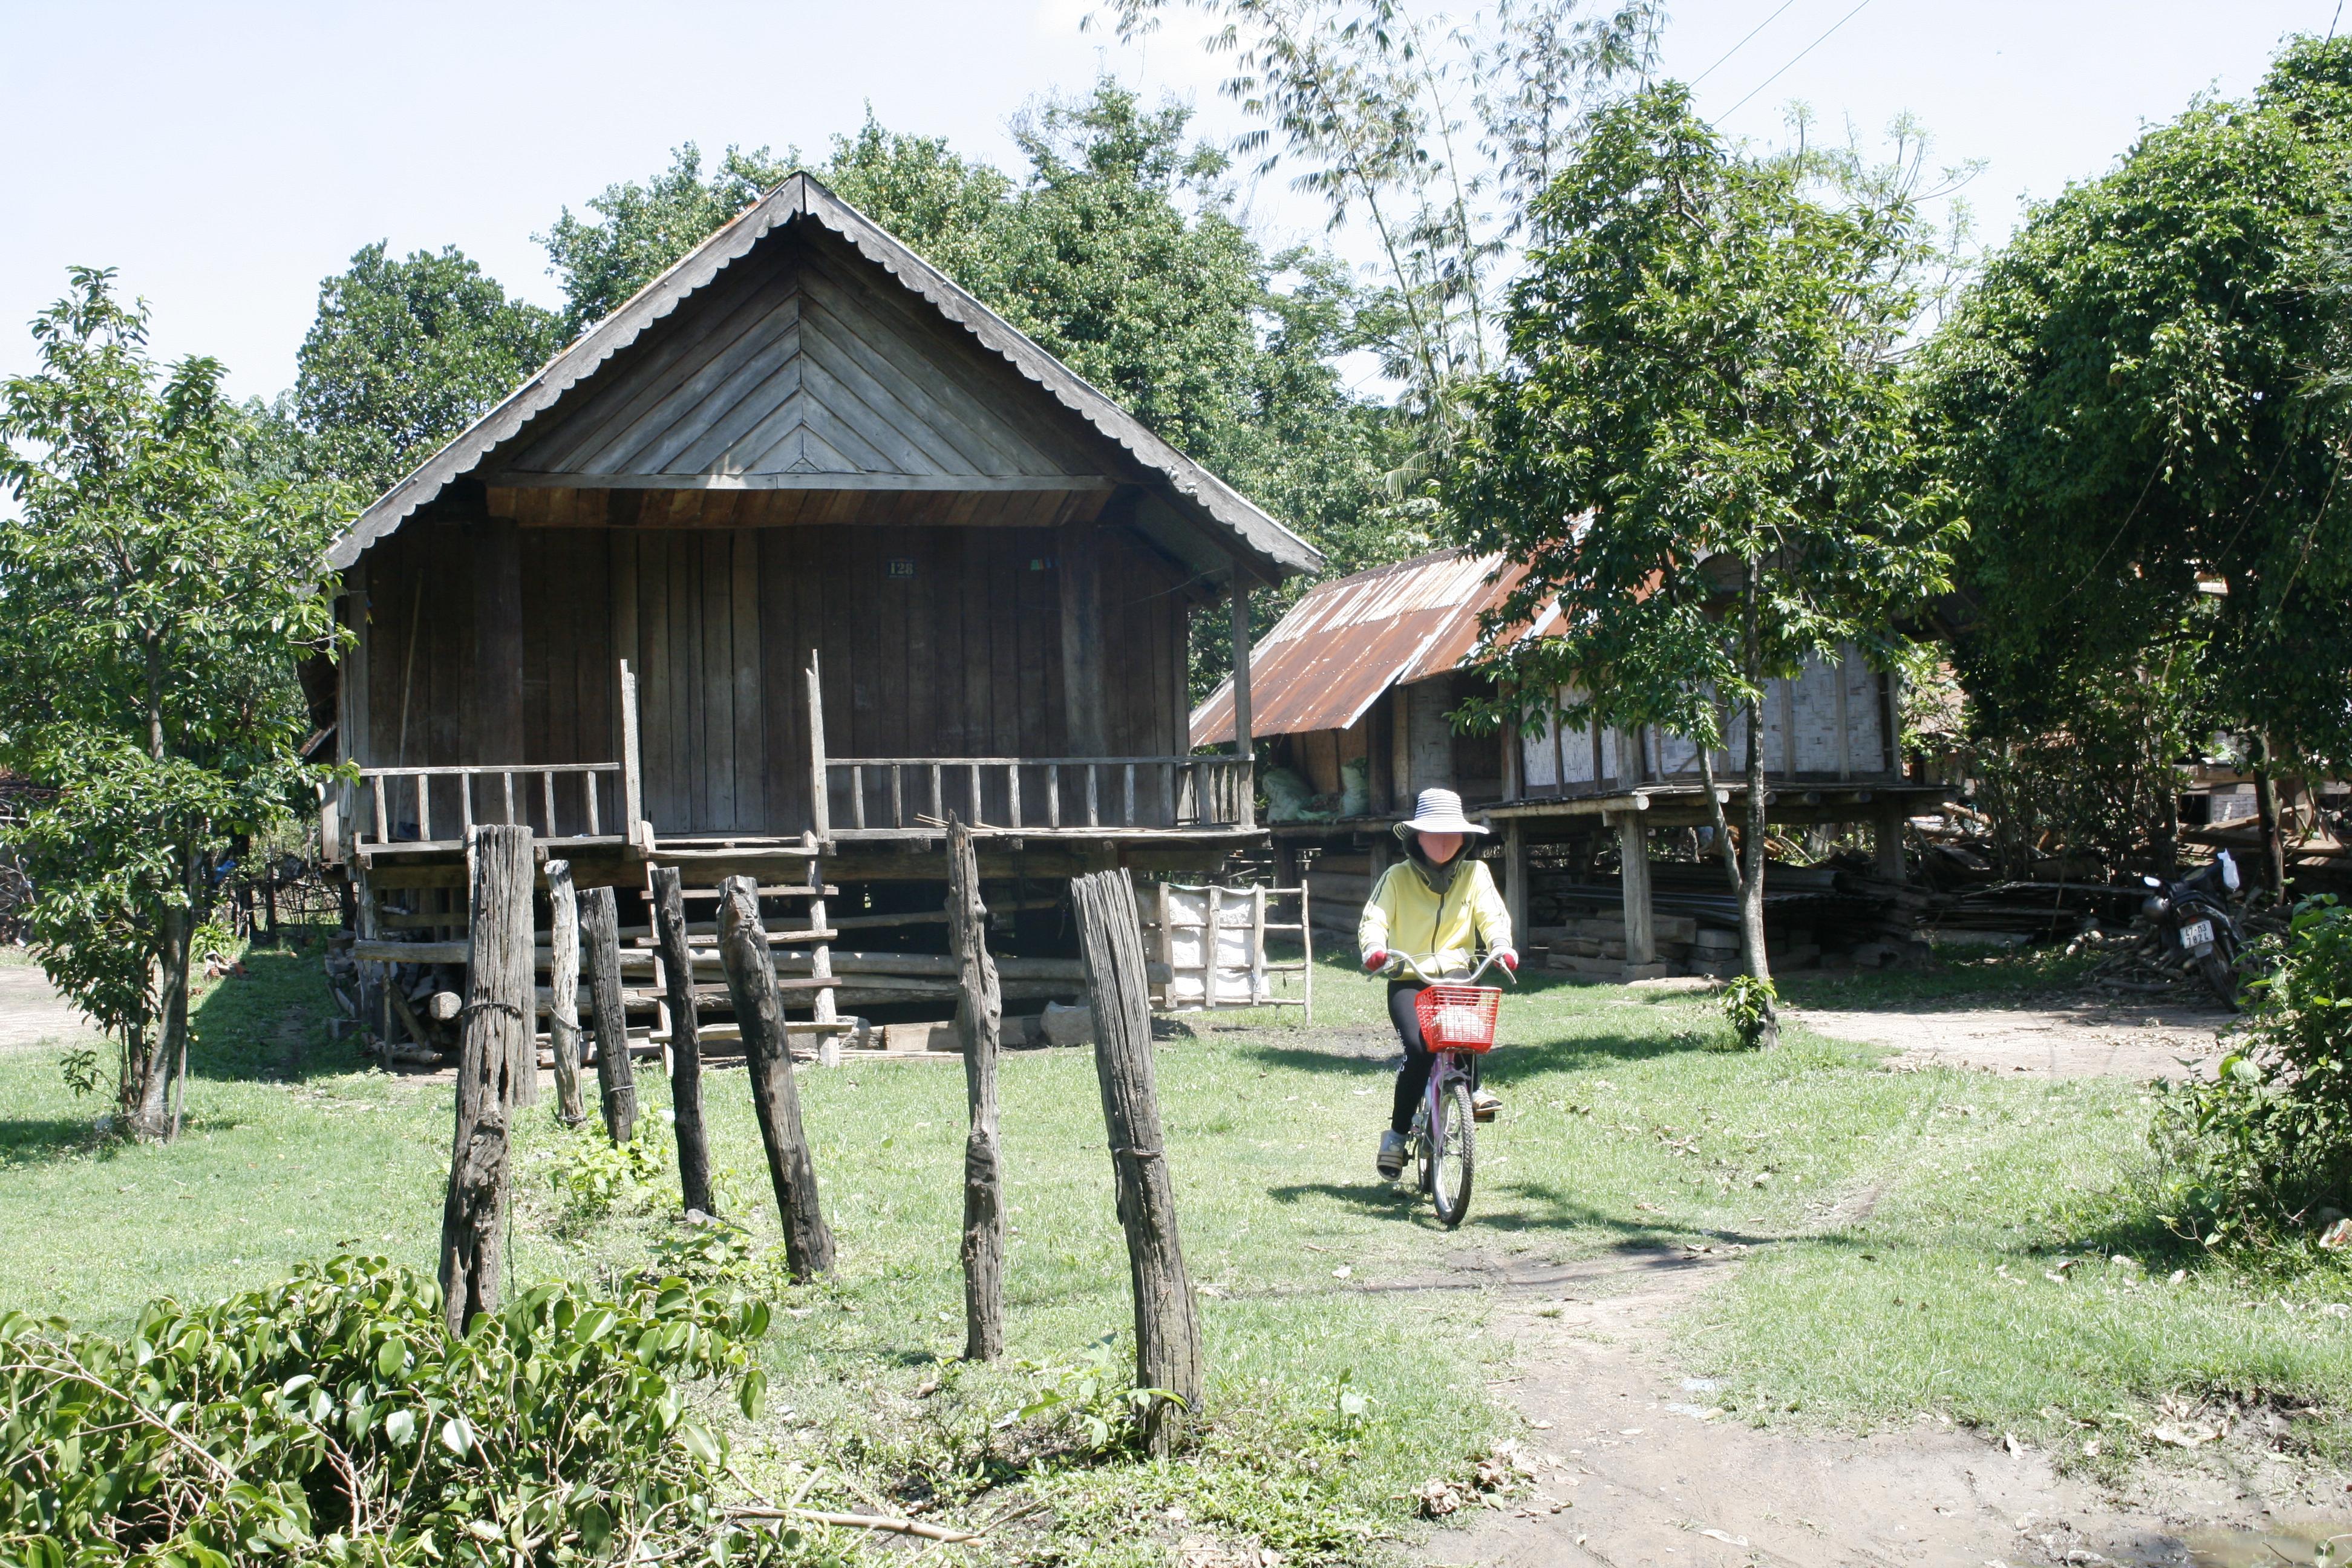 Mặc dù năm nay đã 16 tuổi, nhưng em H' Lăm, dân tộc Mnông, xã Yang Tao, huyện Lắk, tỉnh Đắk Lắk mới chỉ đang học lớp 7